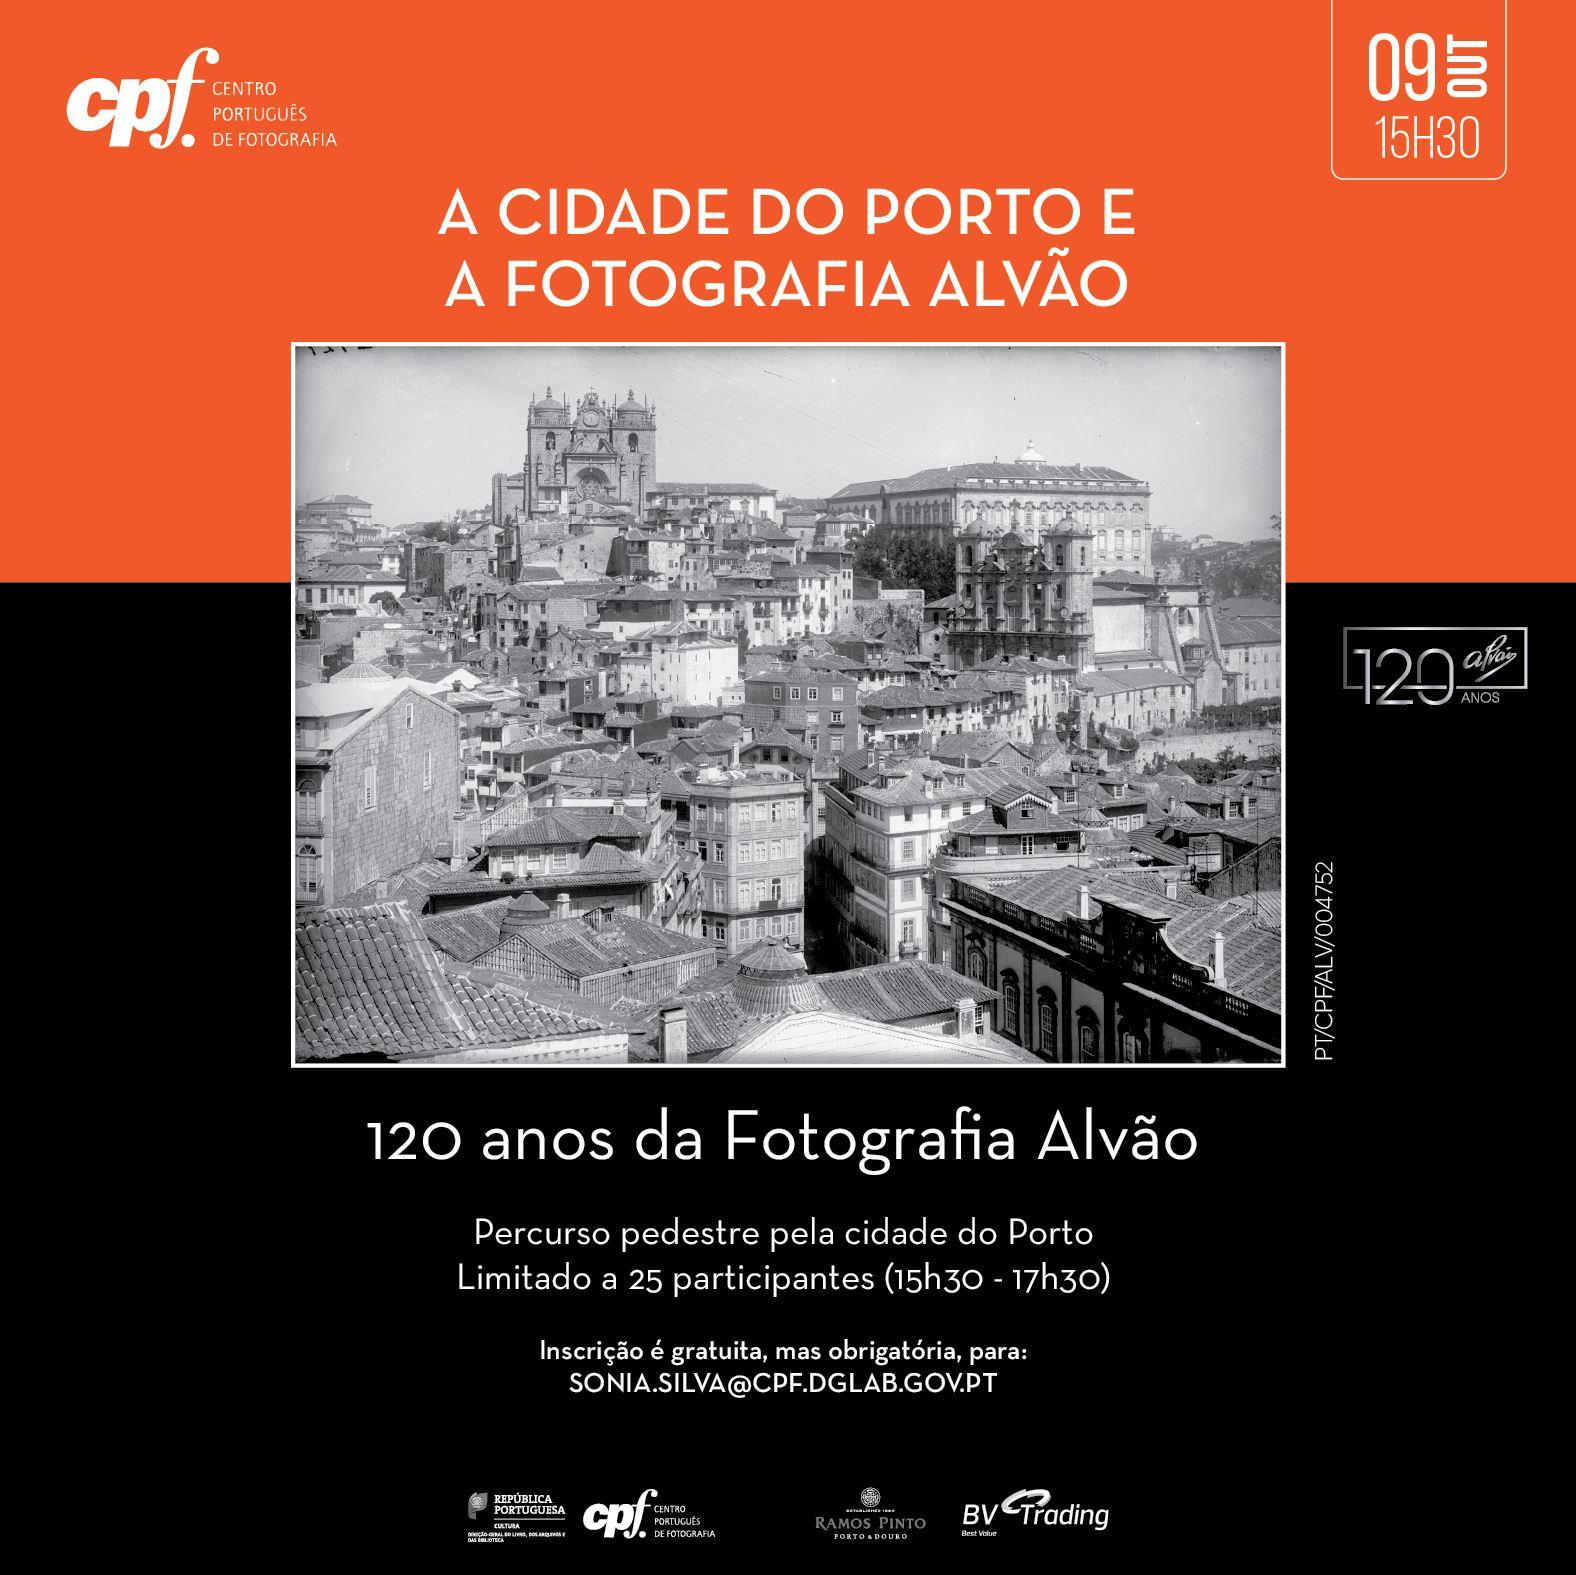 Percurso temático: A Cidade do Porto e a Fotografia Alvão